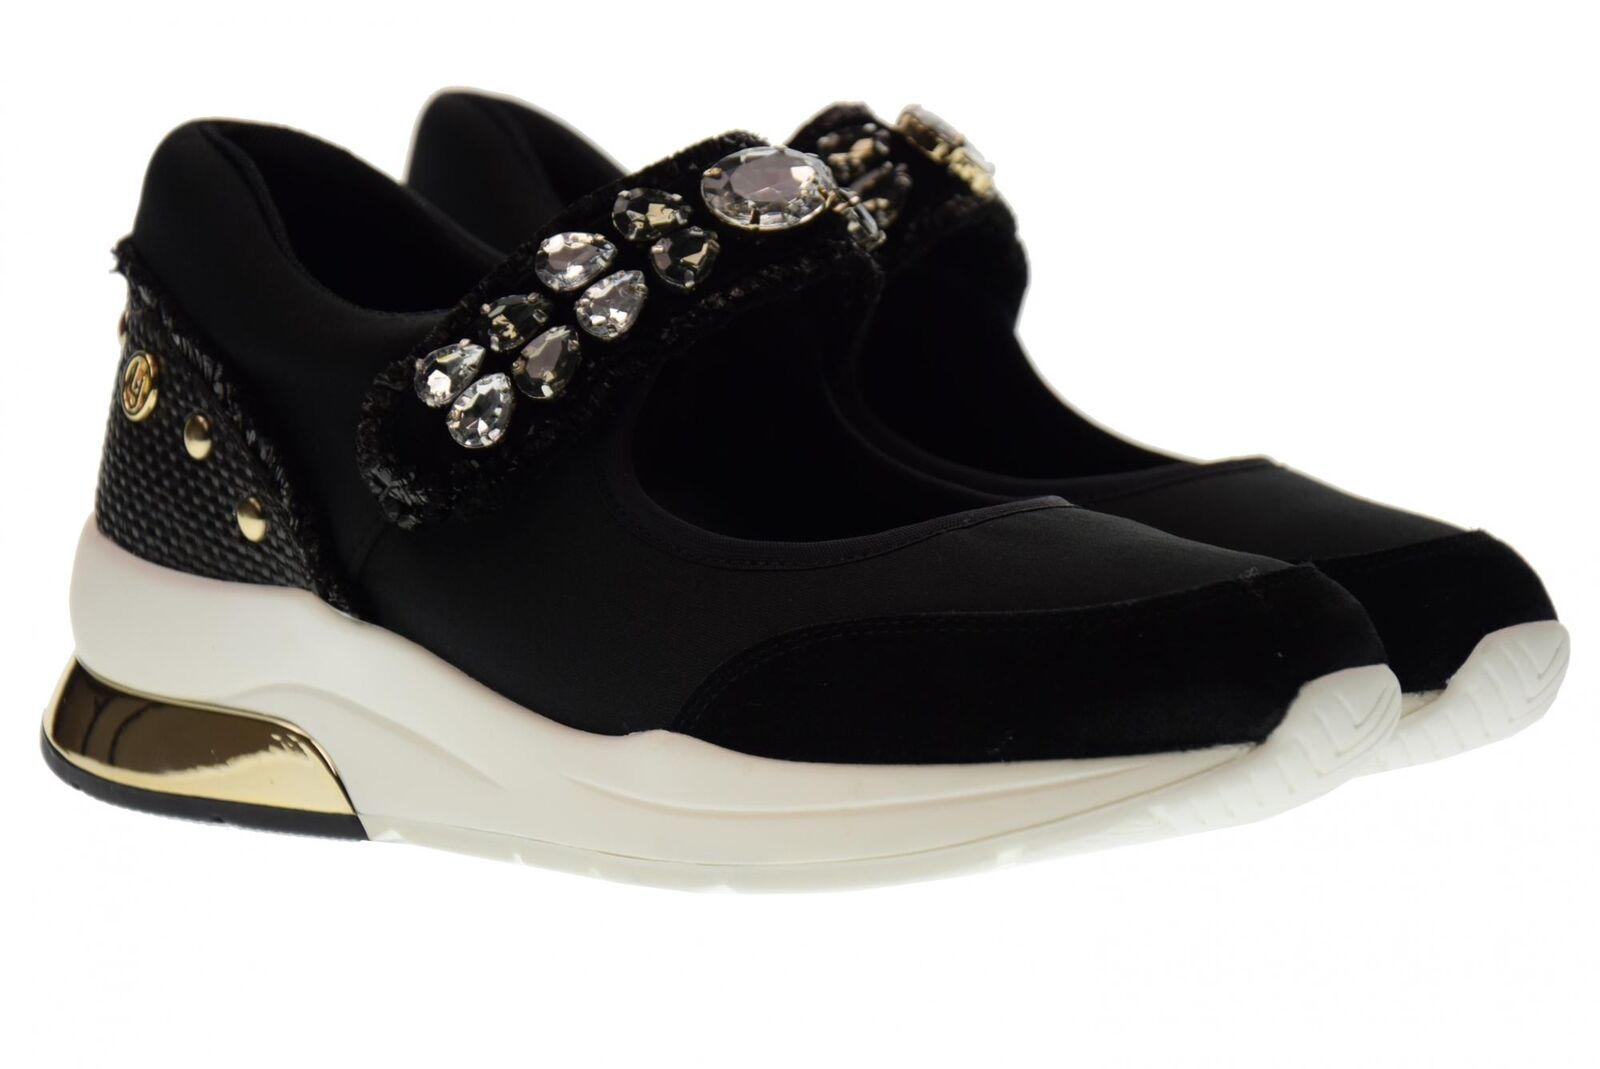 vendita di offerte Liu Jo scarpe donna scarpe da ginnastica SANDAL SANDAL SANDAL LILY NERO B18011T203622222 P18  la migliore moda